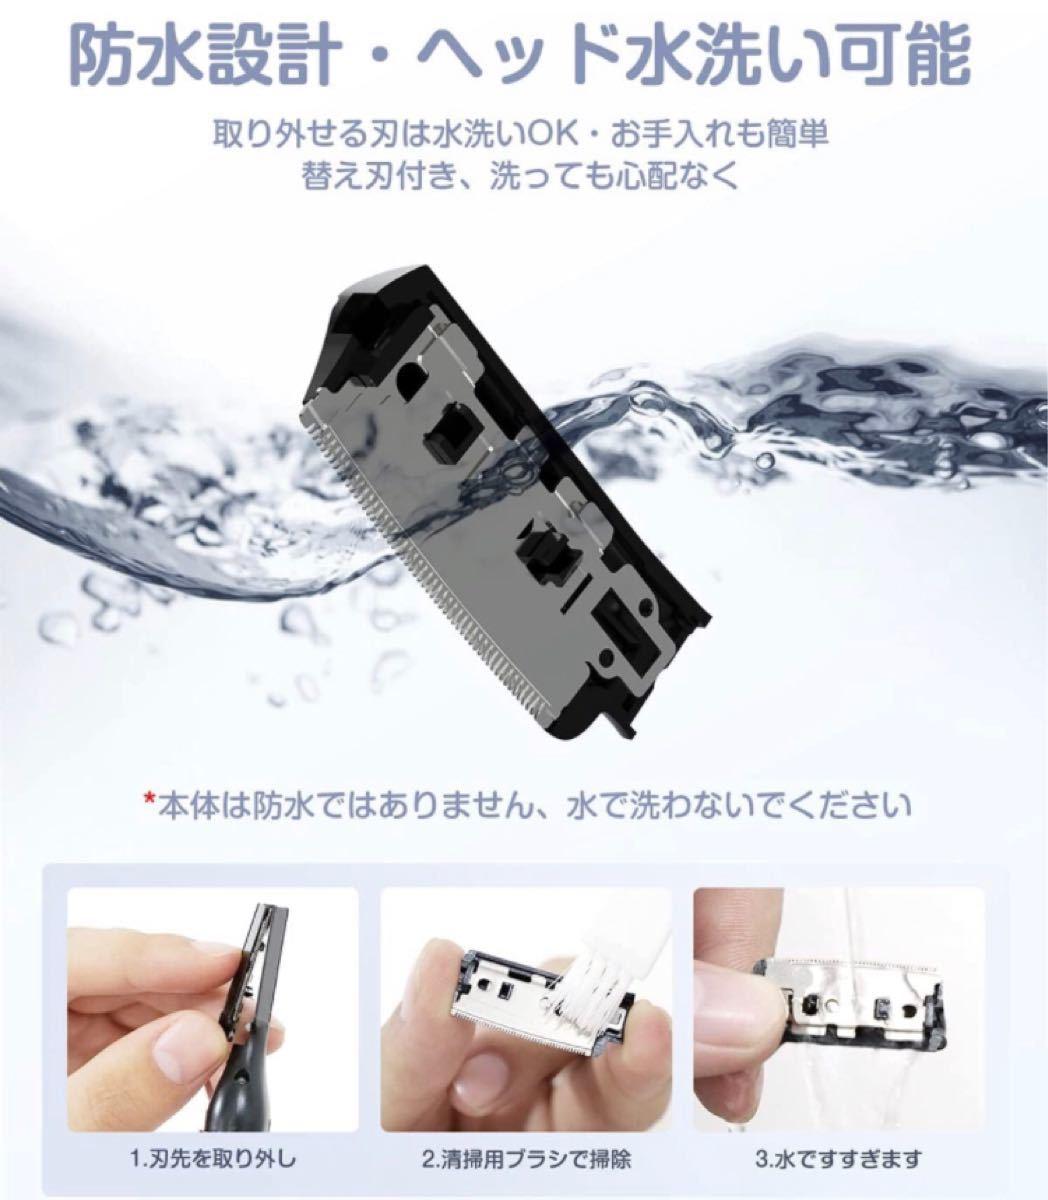 眉毛シェーバー フェイスシェーバー メンズ LEDライト付き USB充電式 眉毛カッター マユハサミ付き